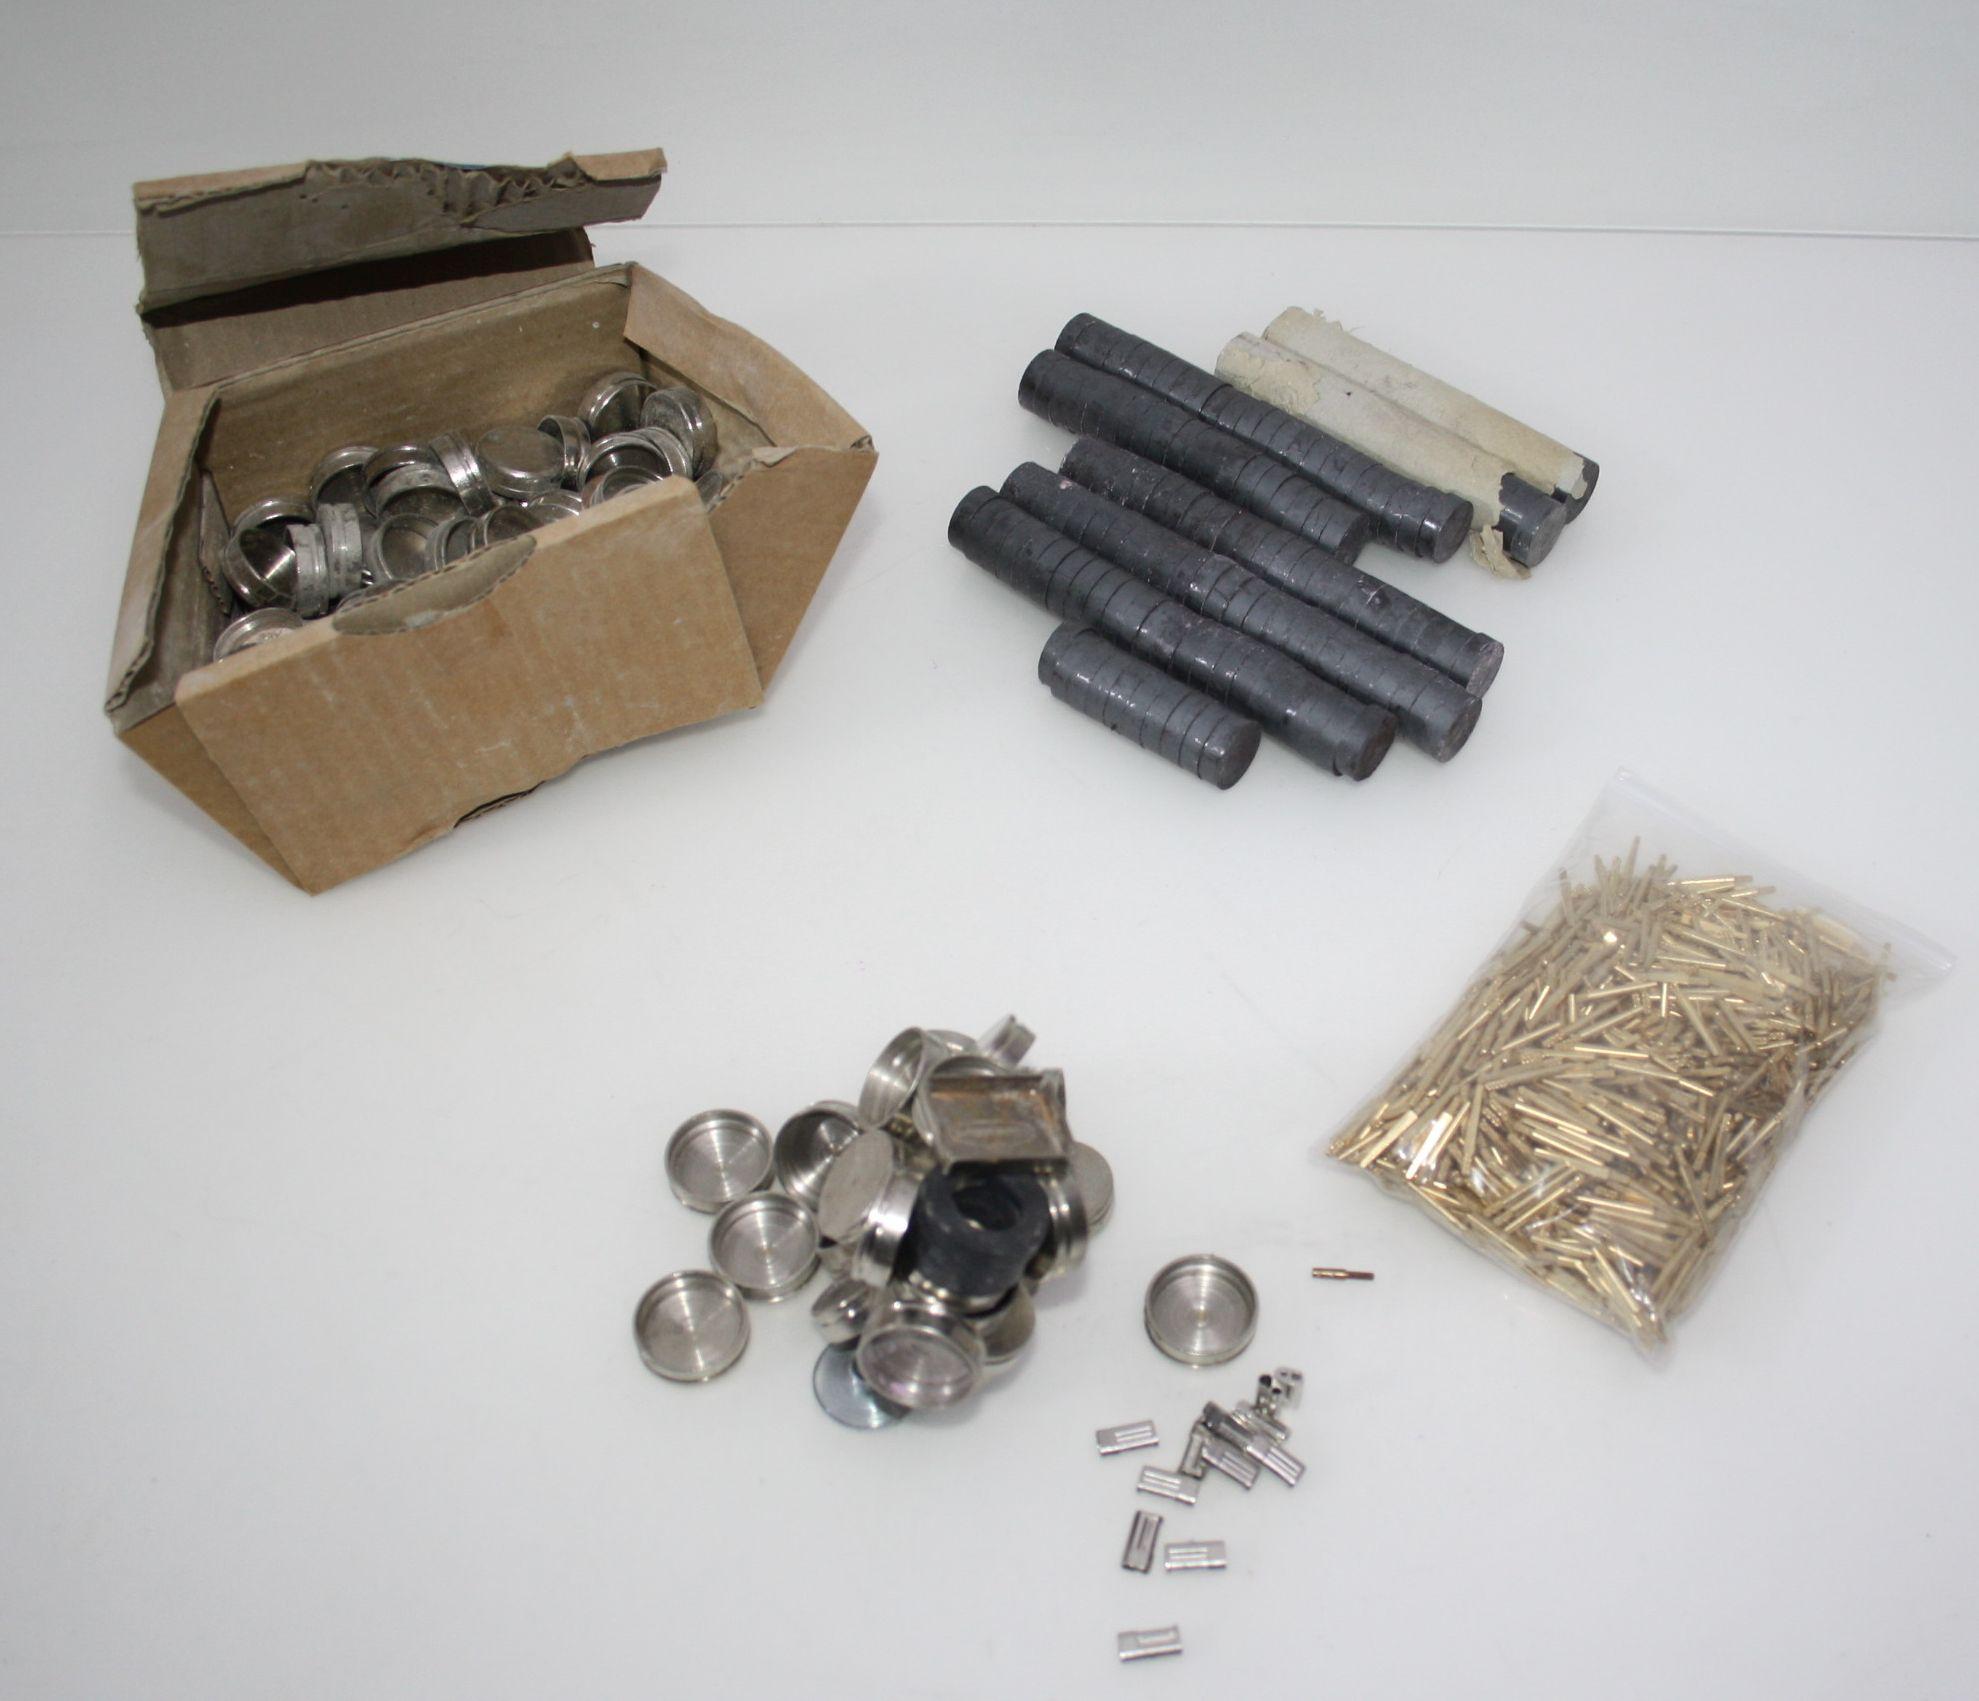 Diverse Dental-Sockelformer, Splitformer, Dublierküvetten, Muffelformer # 10447